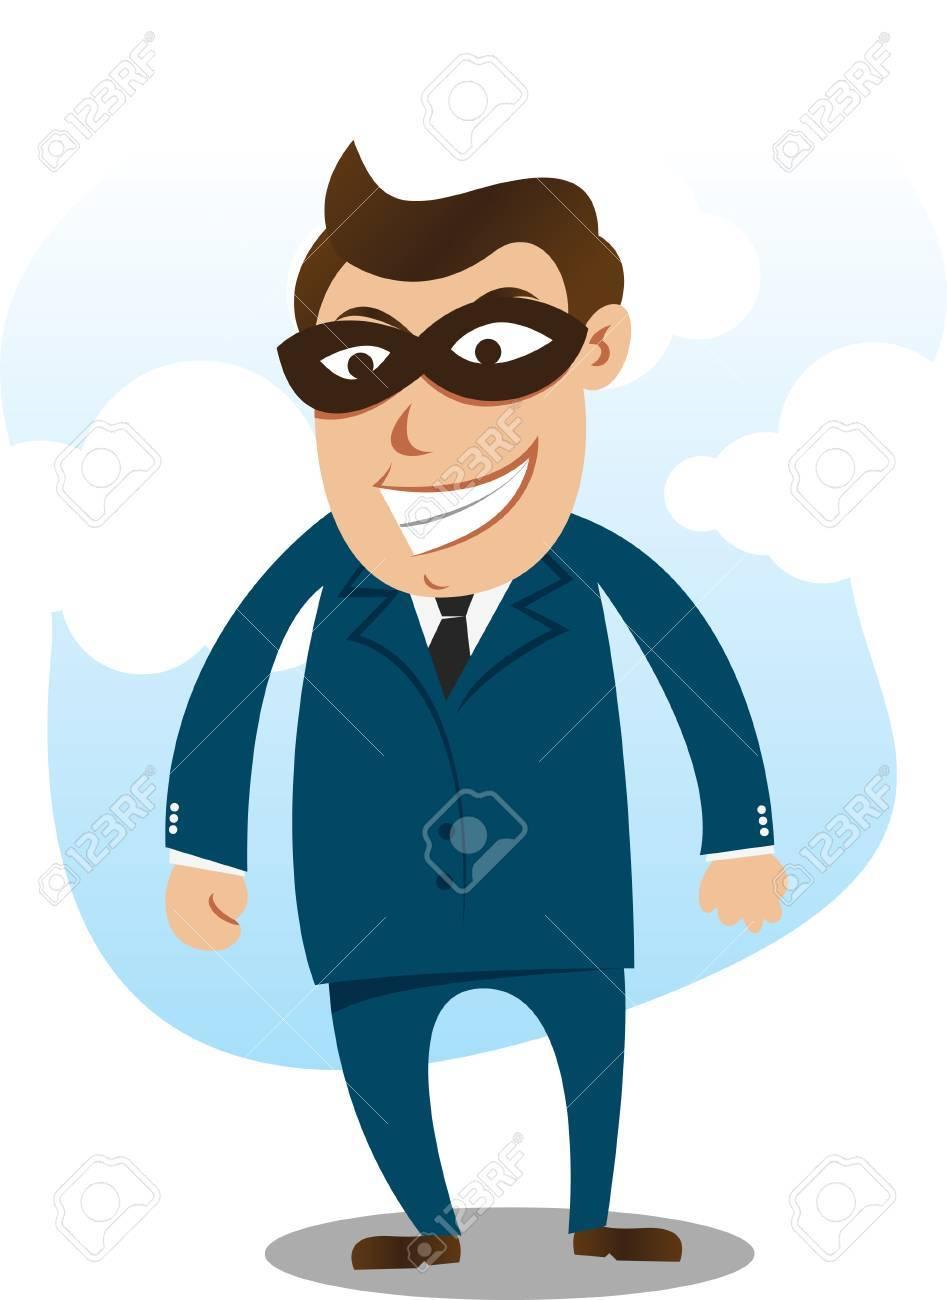 robber wearing suite Stock Vector - 8079118